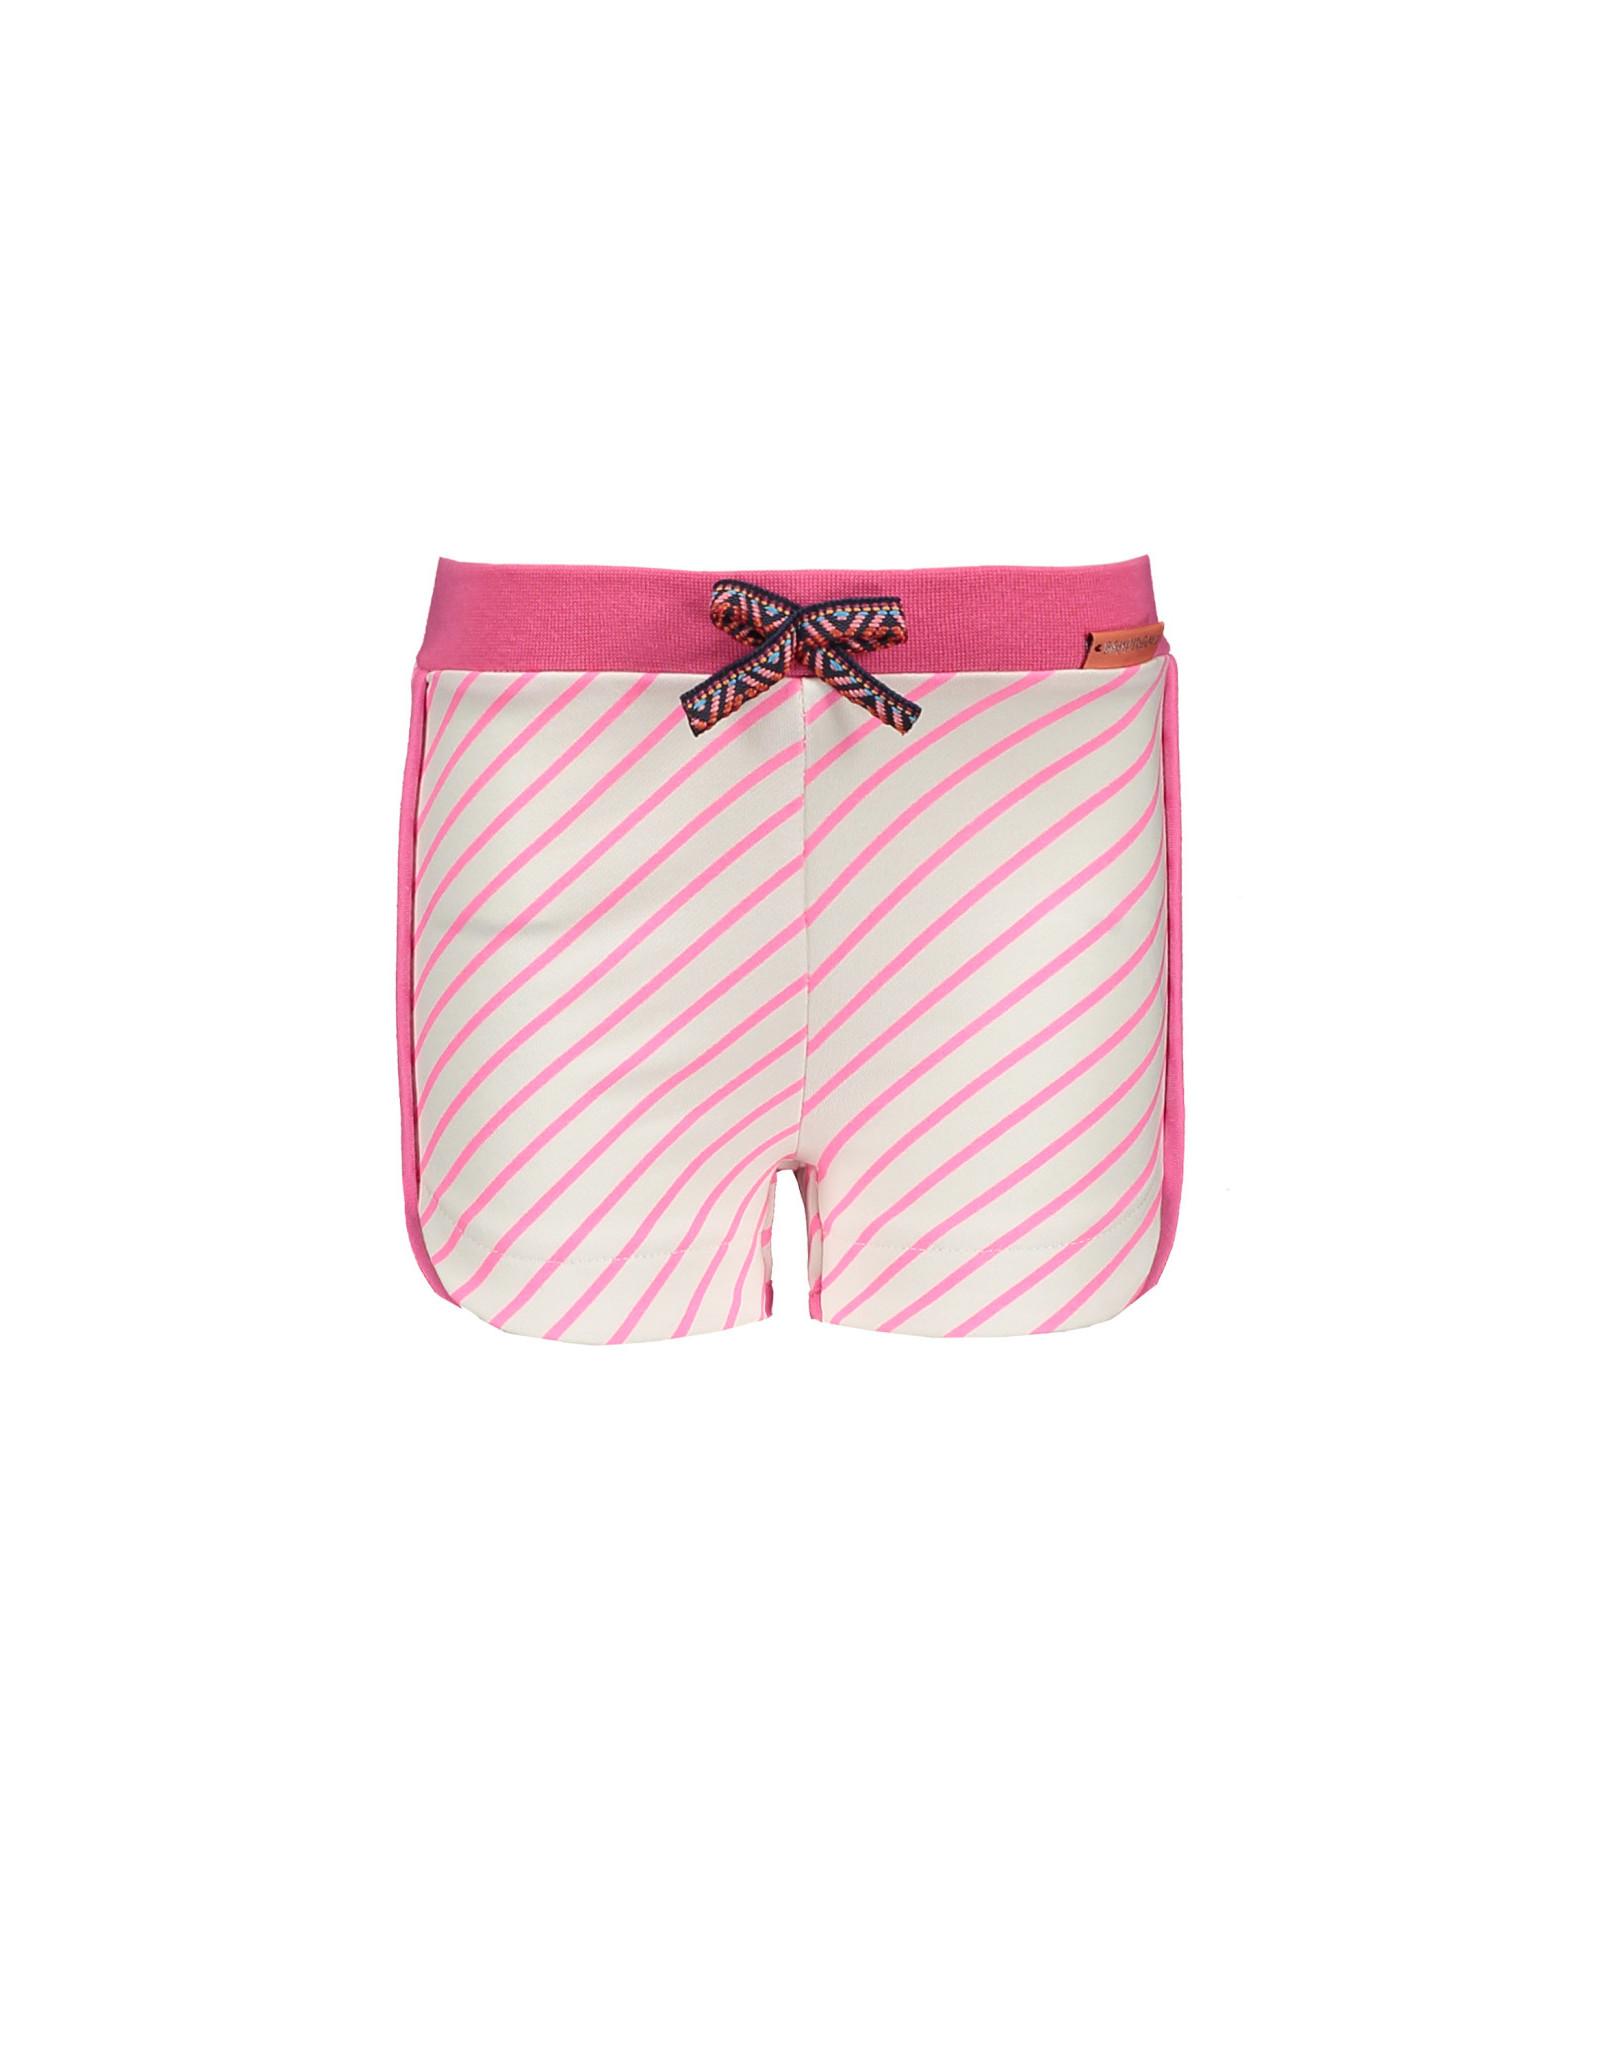 Bampidano Bampidano meisjes korte joggingbroek Eileen Neon Pink